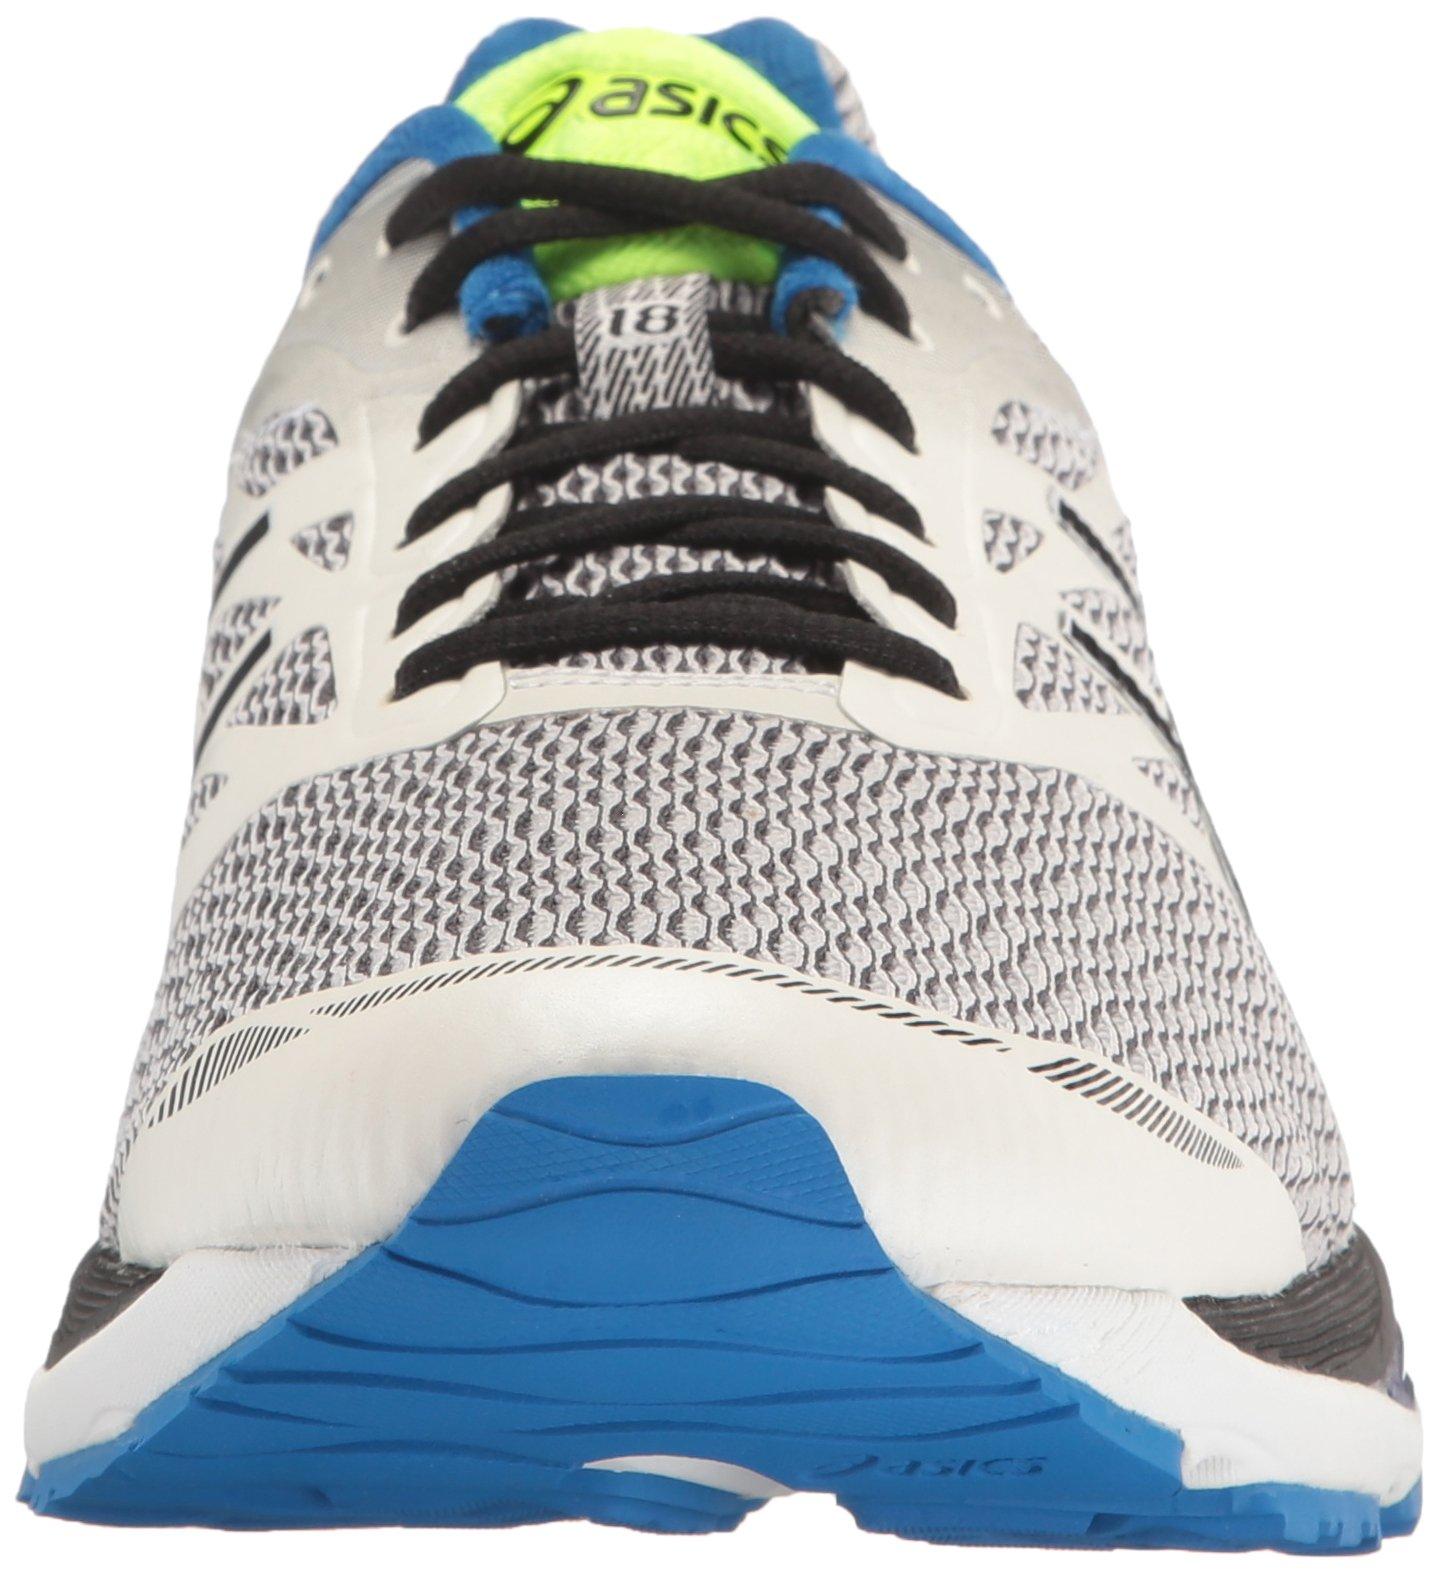 71rF9IgS1wL - ASICS Men's Gel-Cumulus 18 Running Shoe